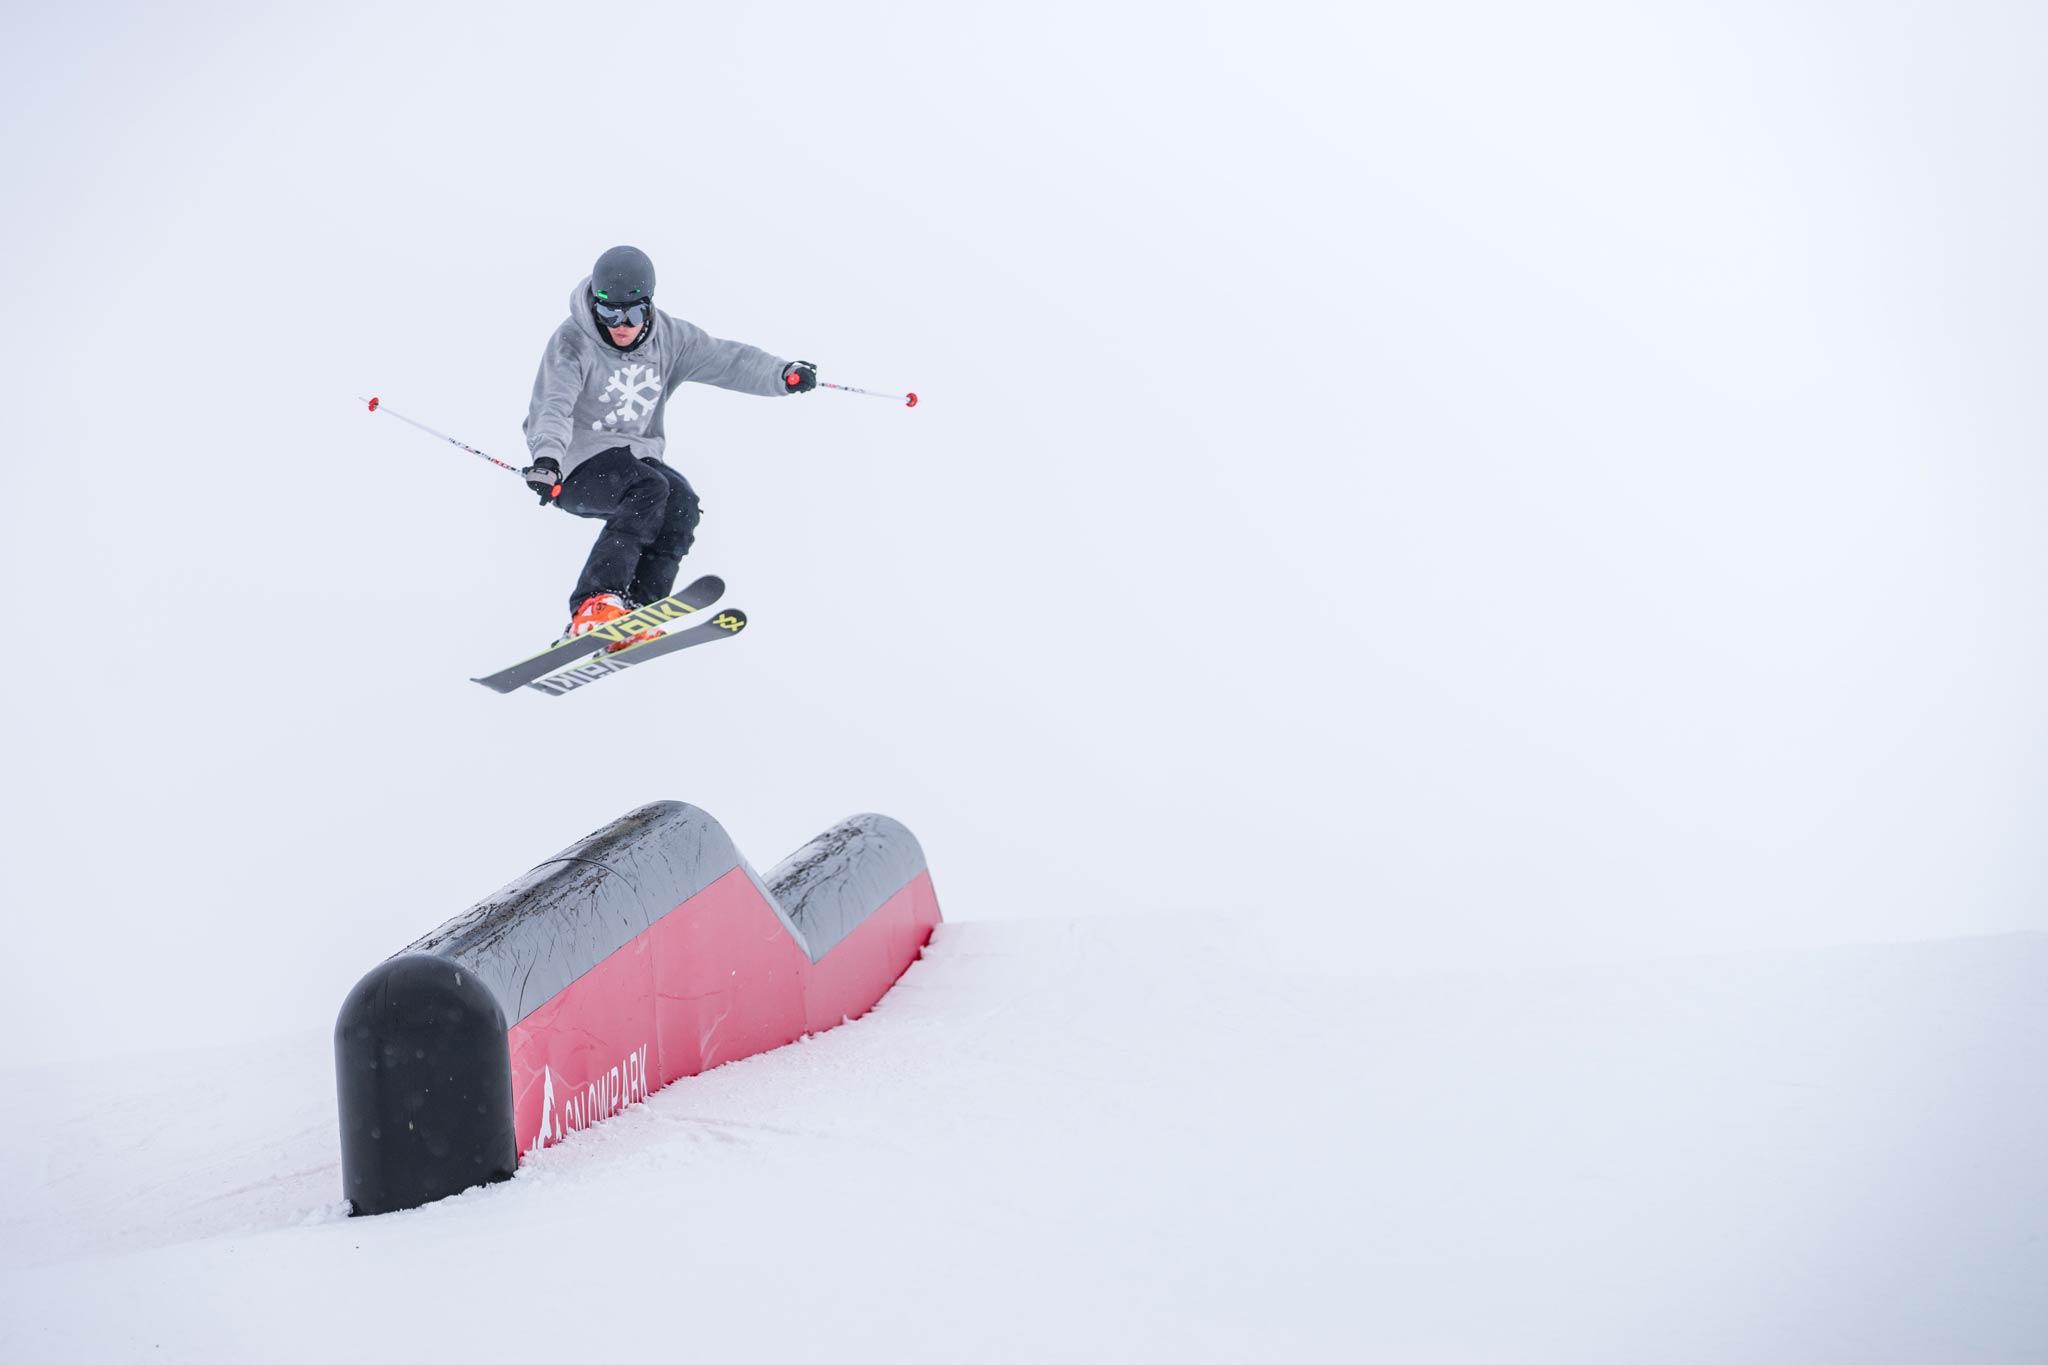 Die von Schneestern gebauten Post-Tubes sind in mehreren Variationen im Snowpark Montafon vorhanden - Foto: Markus Reisacher